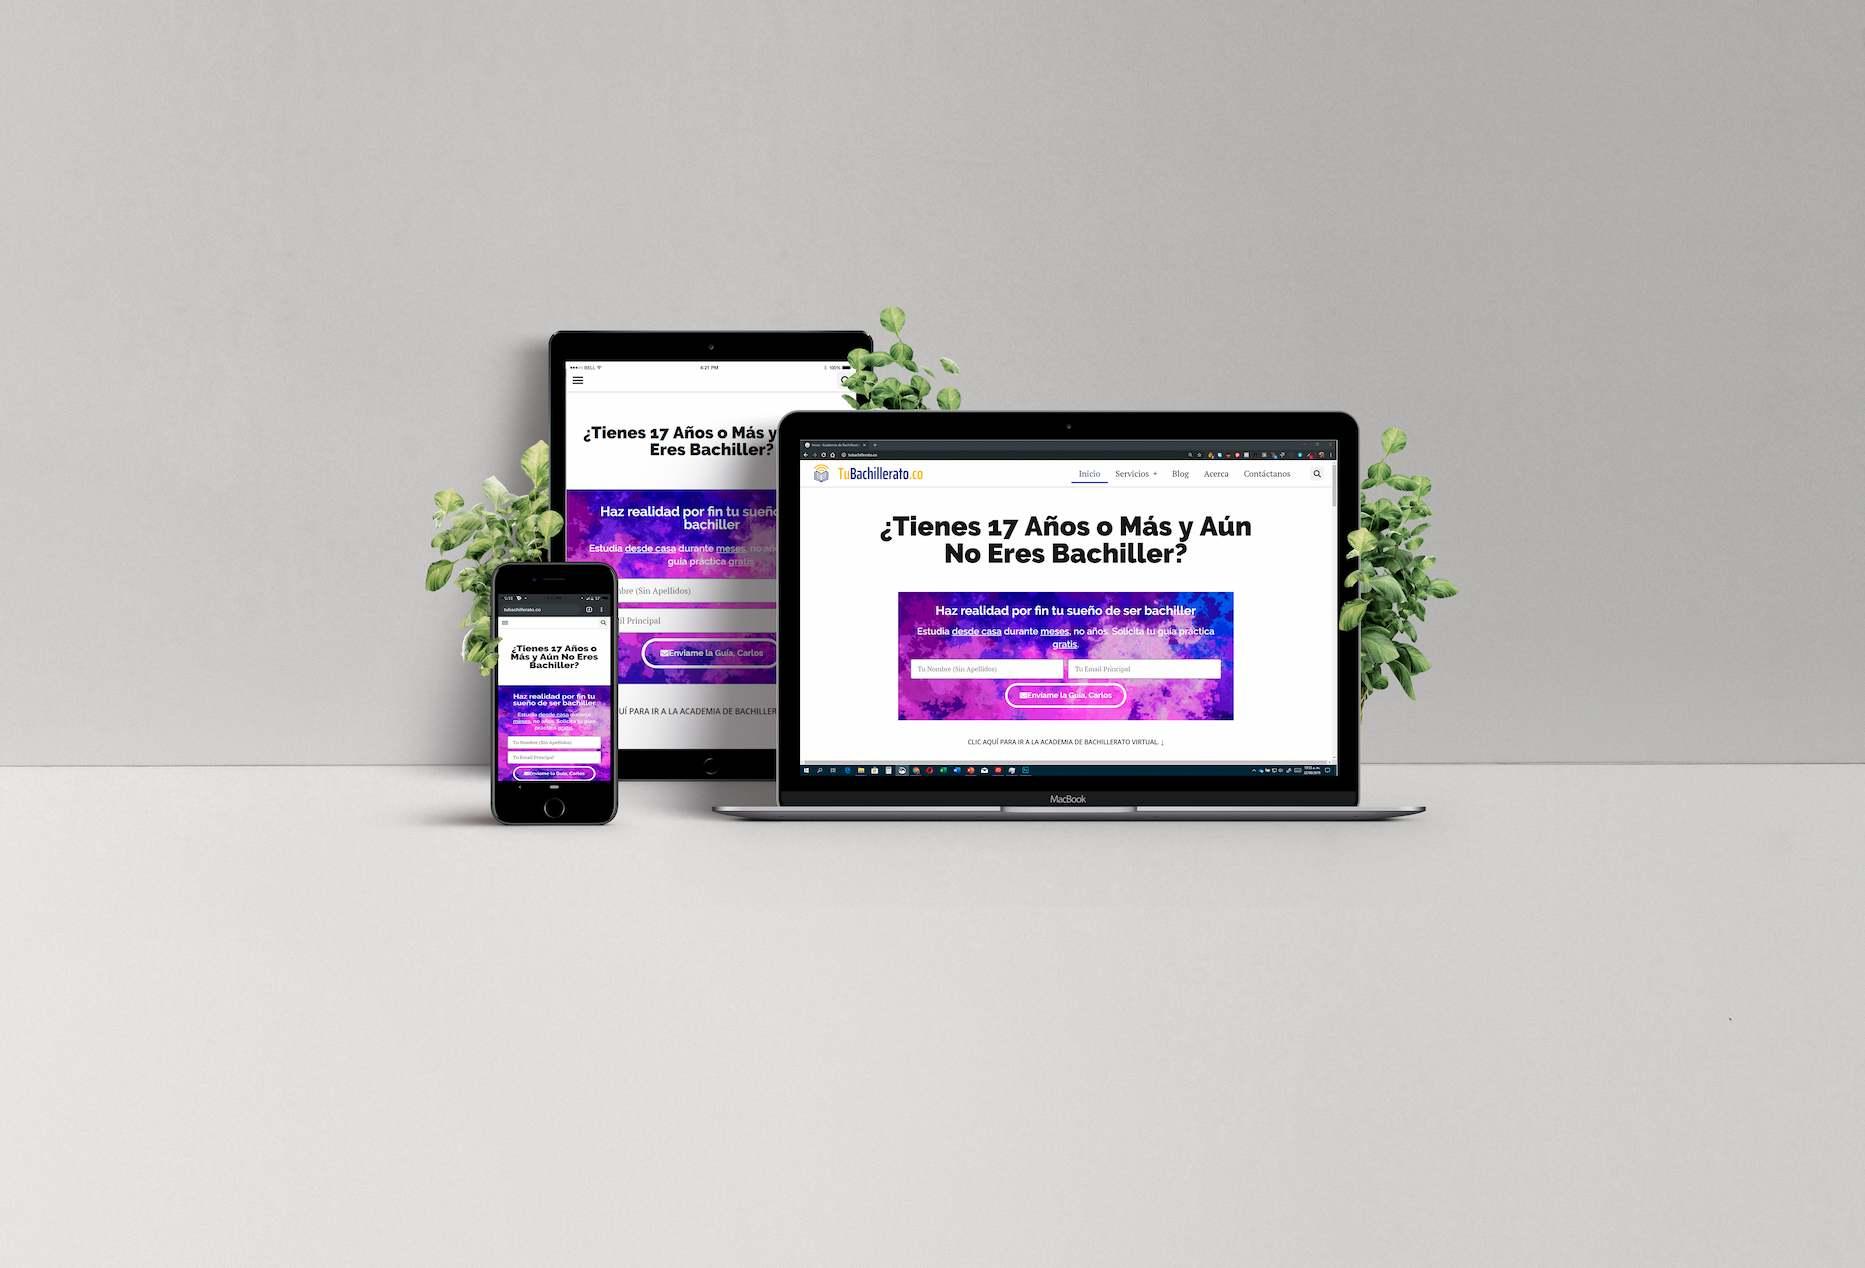 Imagen horizontal de portátil, tablet y teléfono mostrando portada de la Academia de Bachillerato Virtual